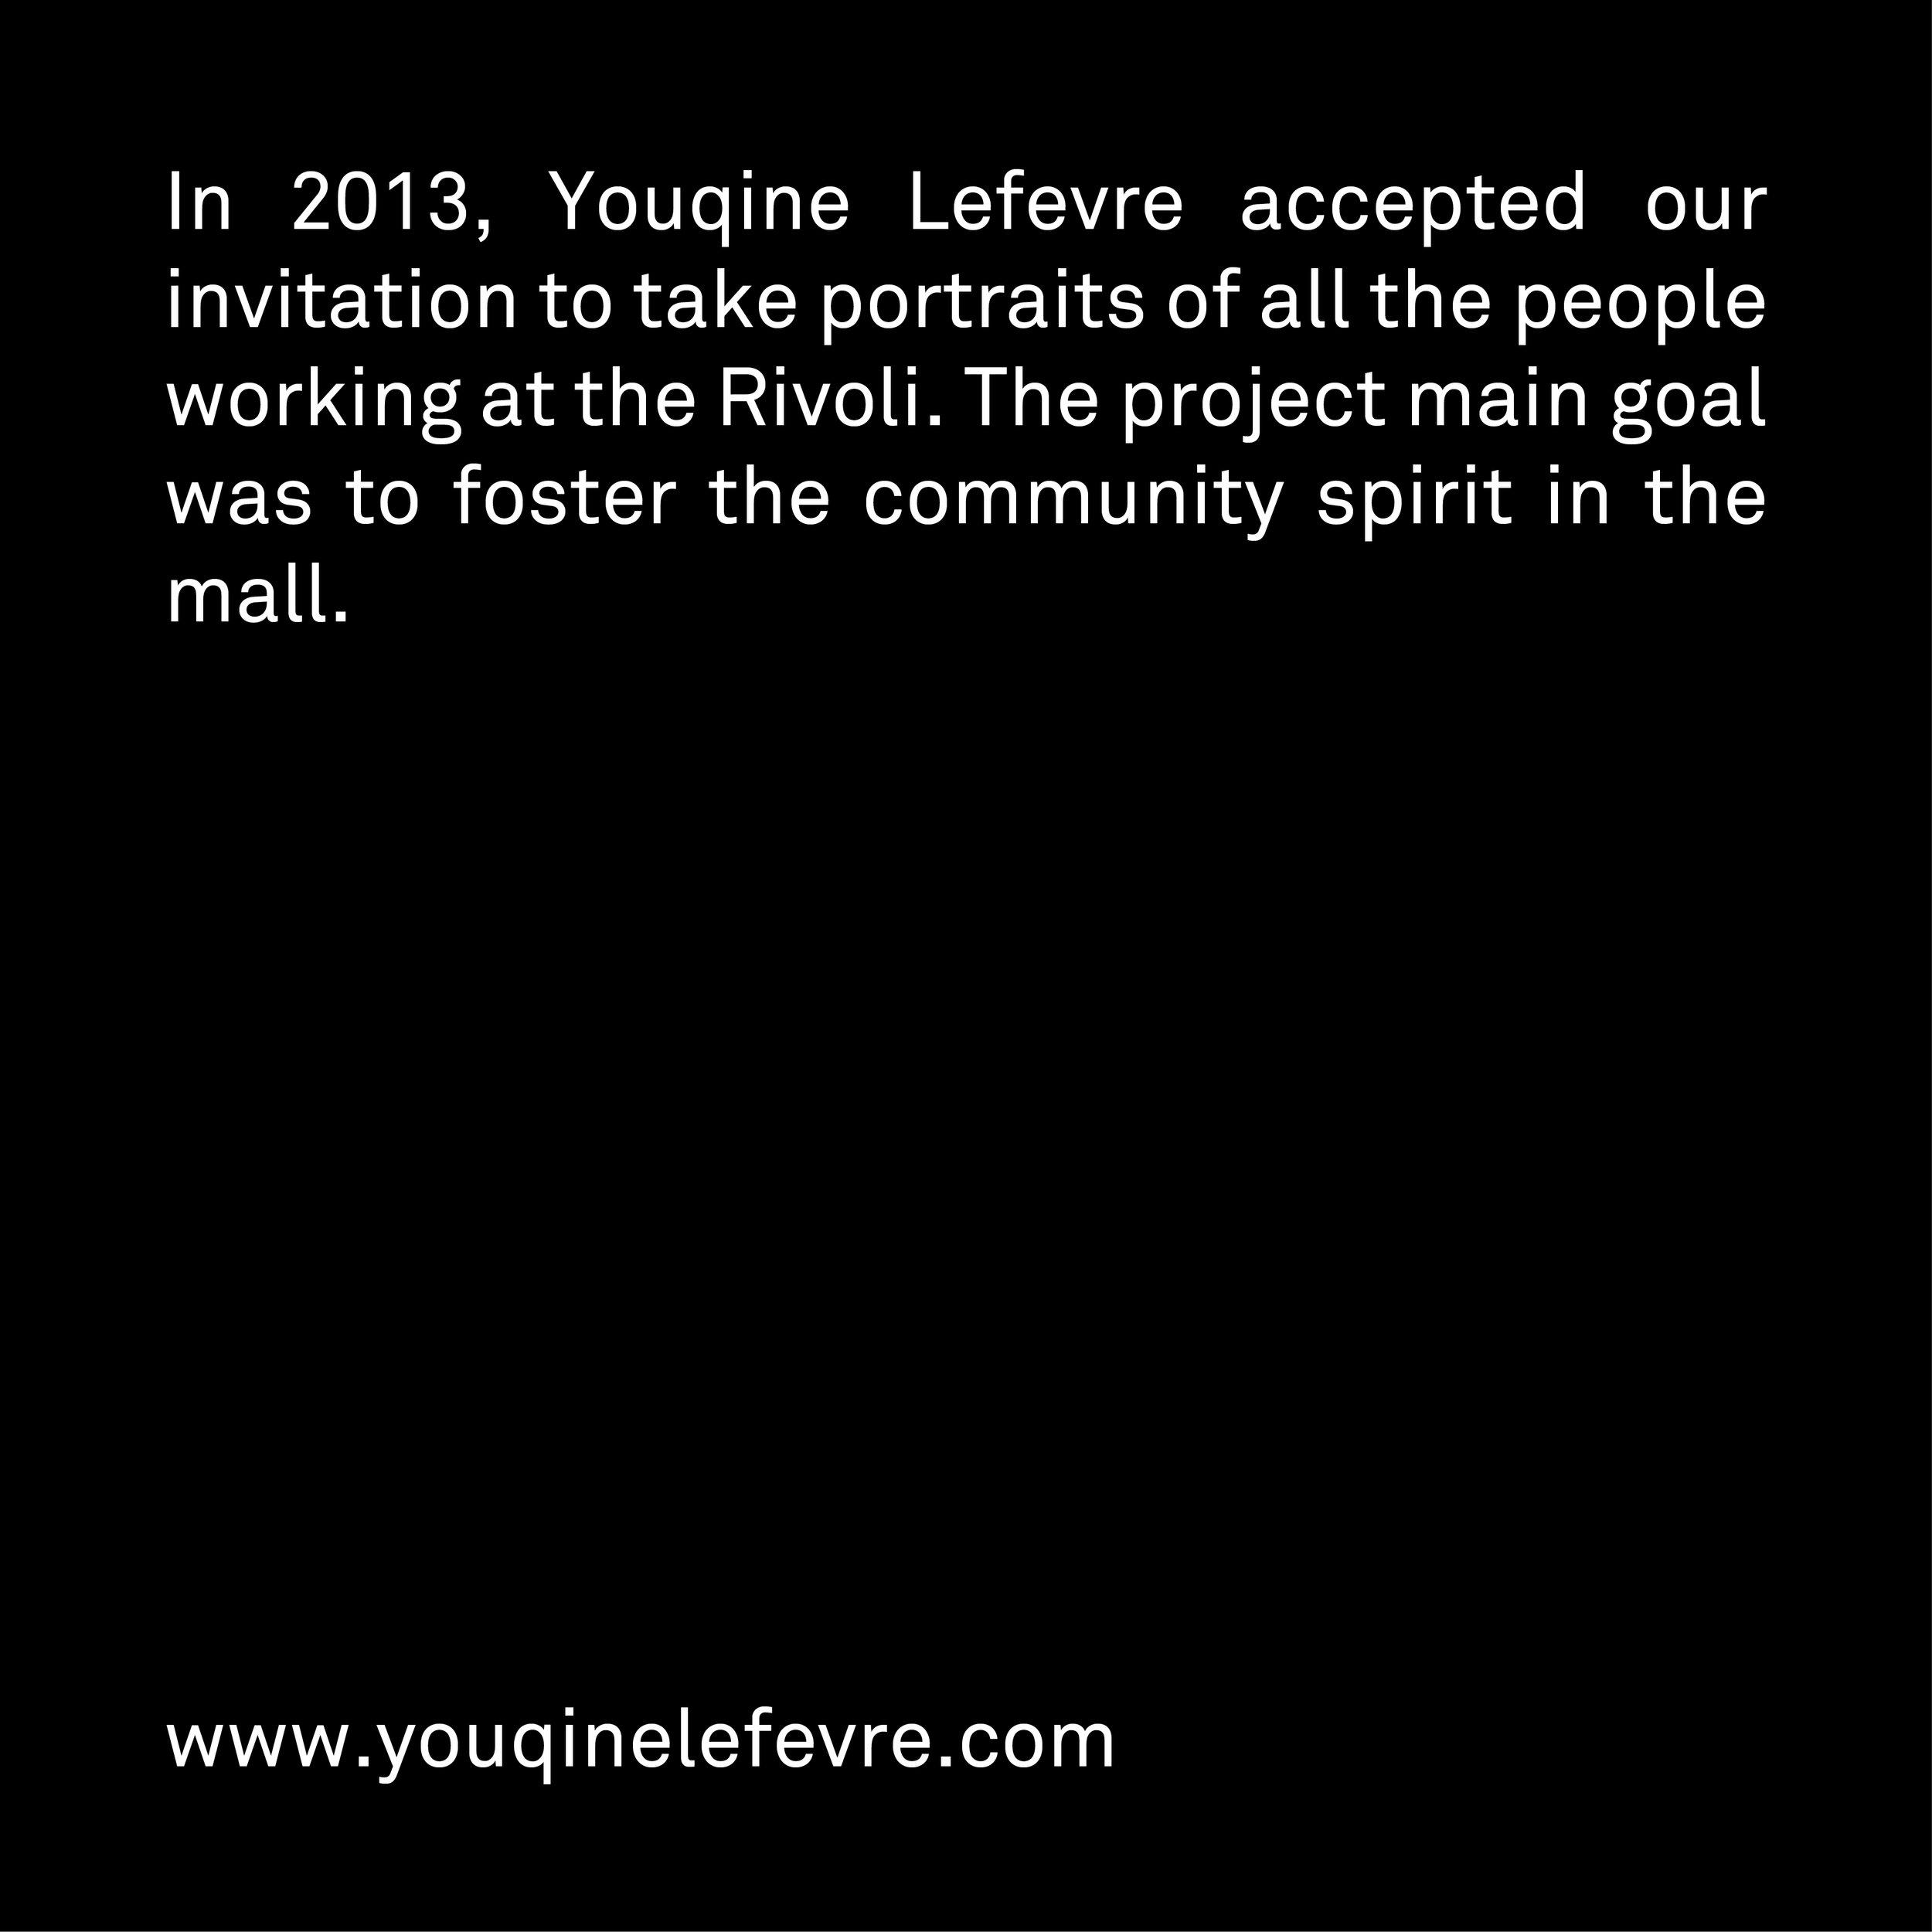 Rivoli Live Youqine Lefevre.jpg